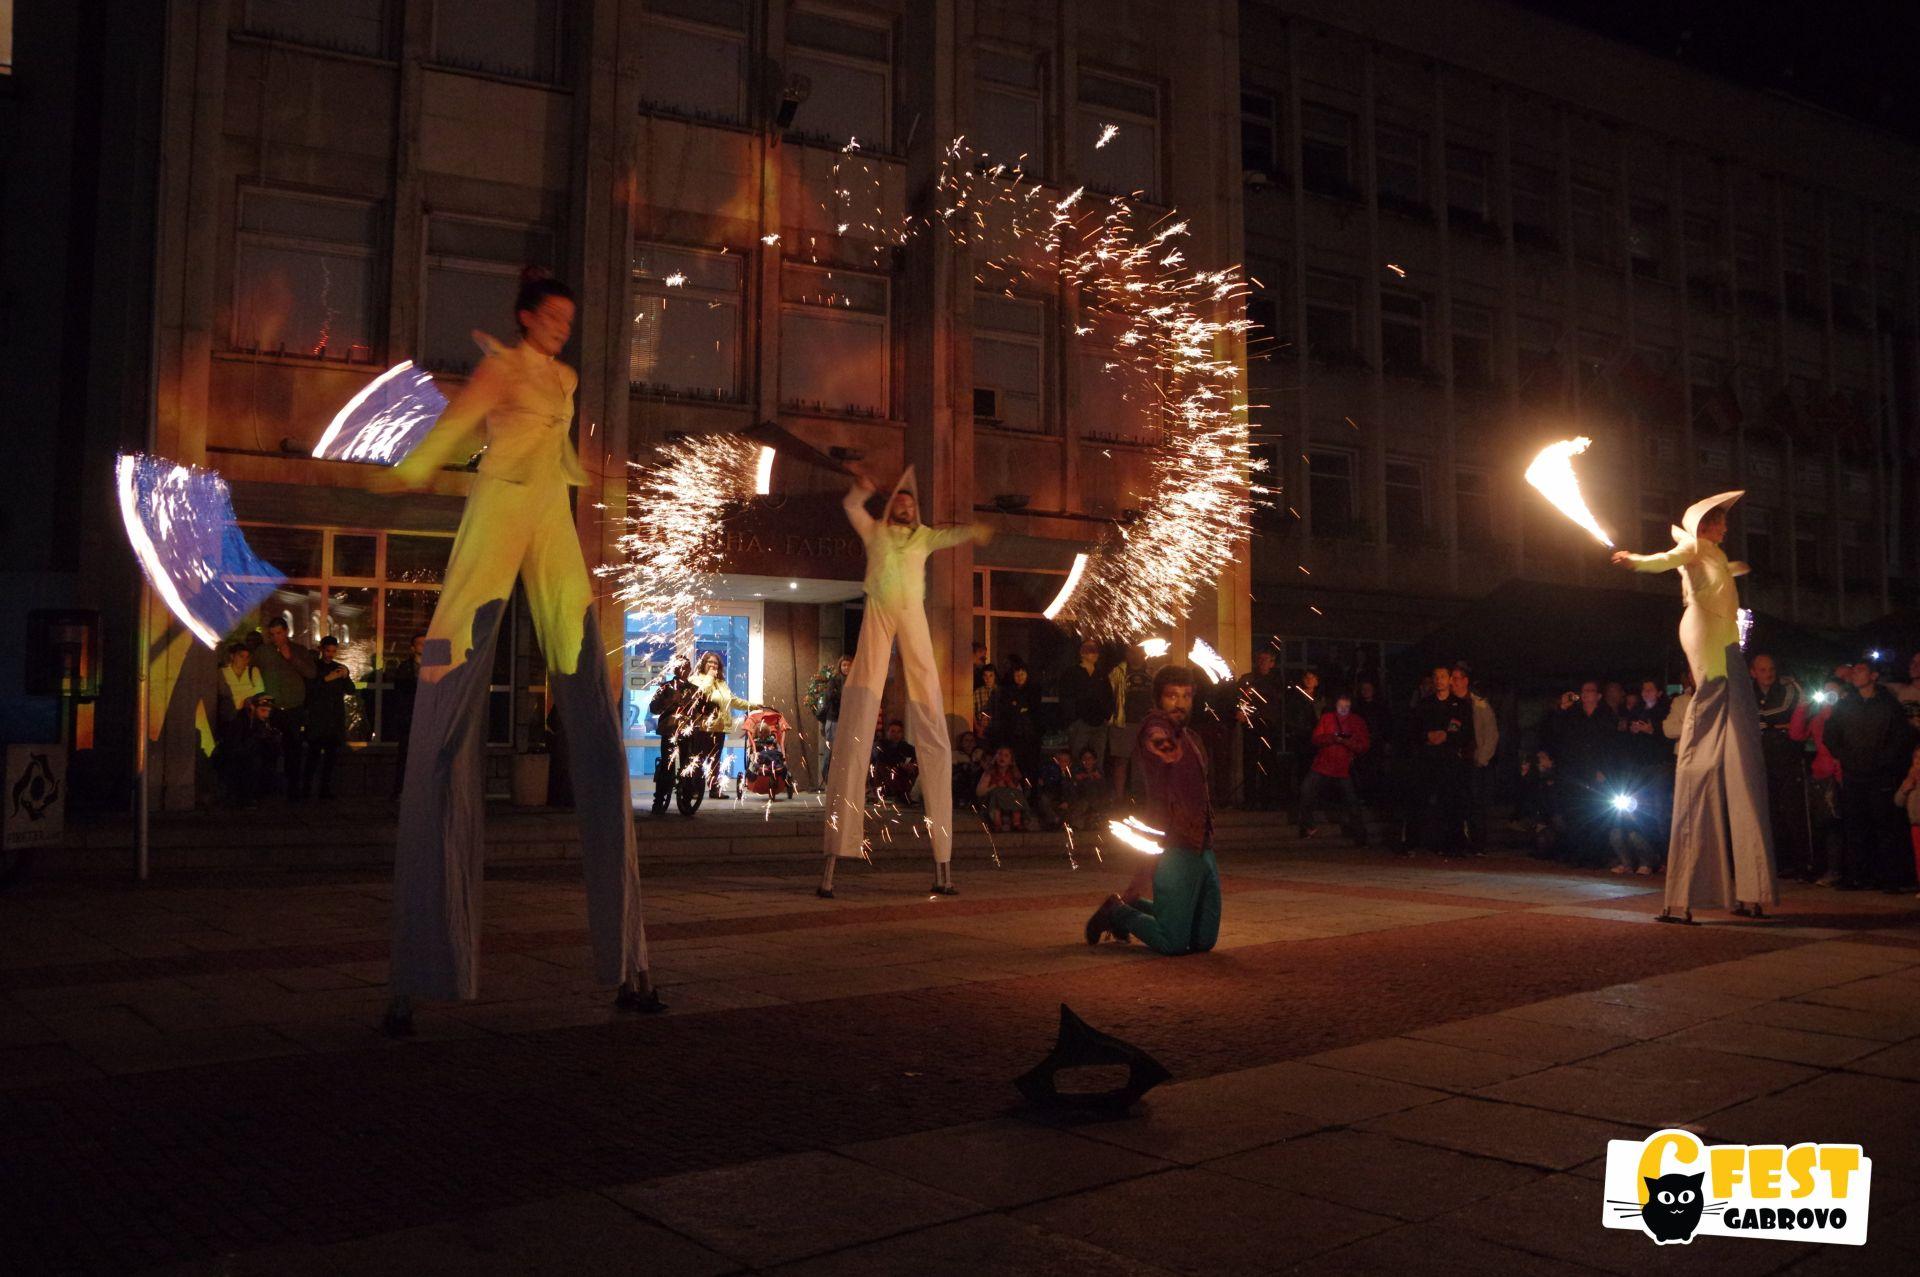 Огнено шоу на кокили на Театър на огъня и сенките Fireter, 21 май 2017 © 6Fest Габрово